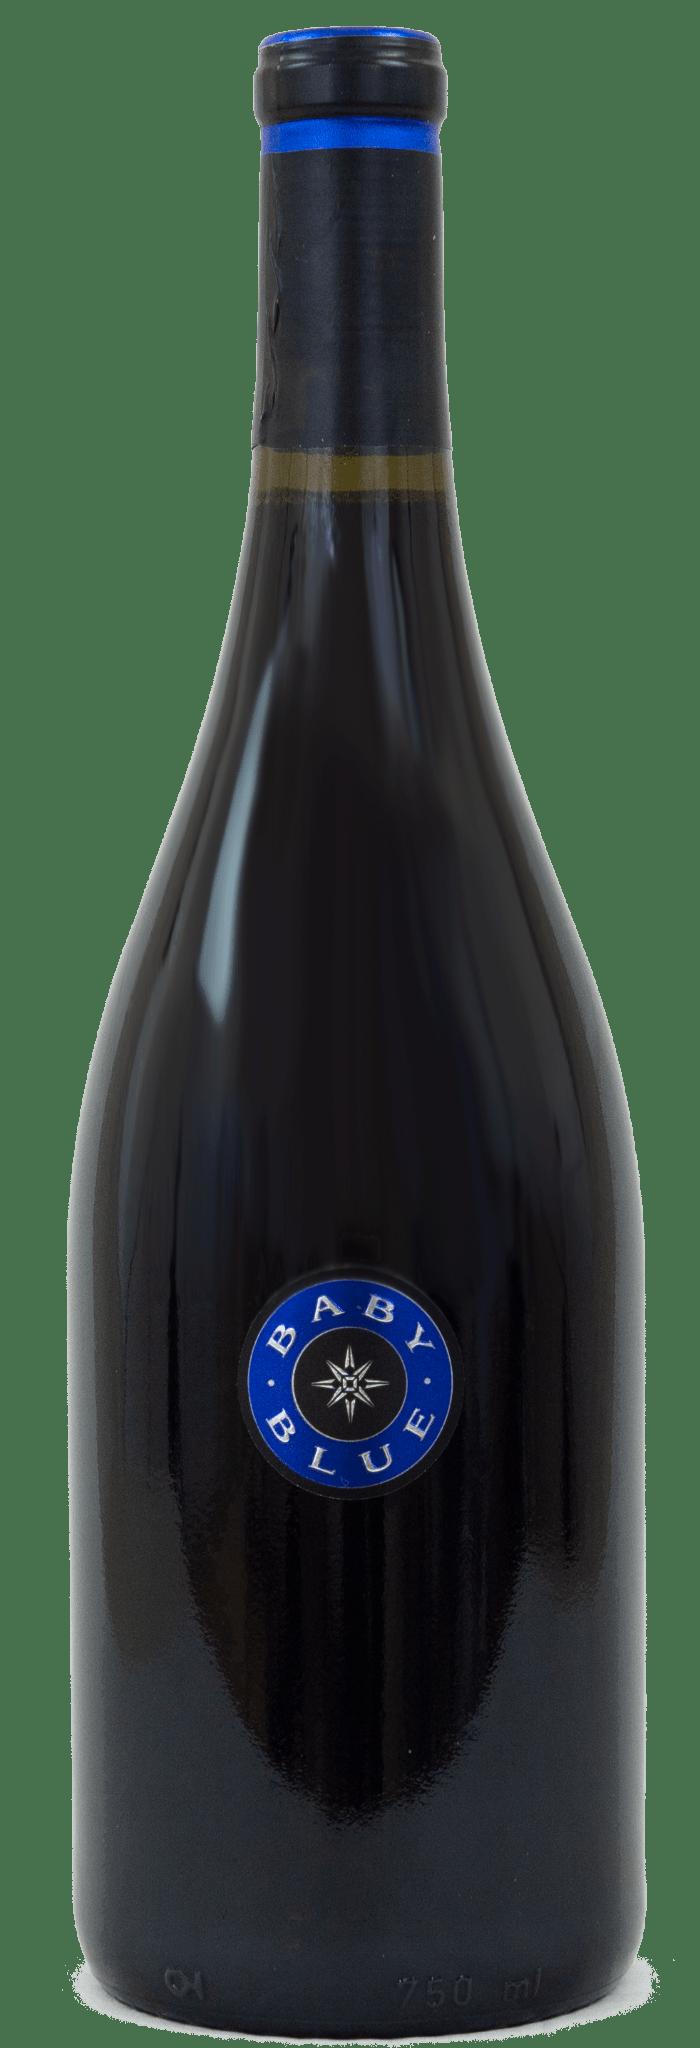 blue-rock-vineyard-baby-blue-pinot-noir-1-1-1